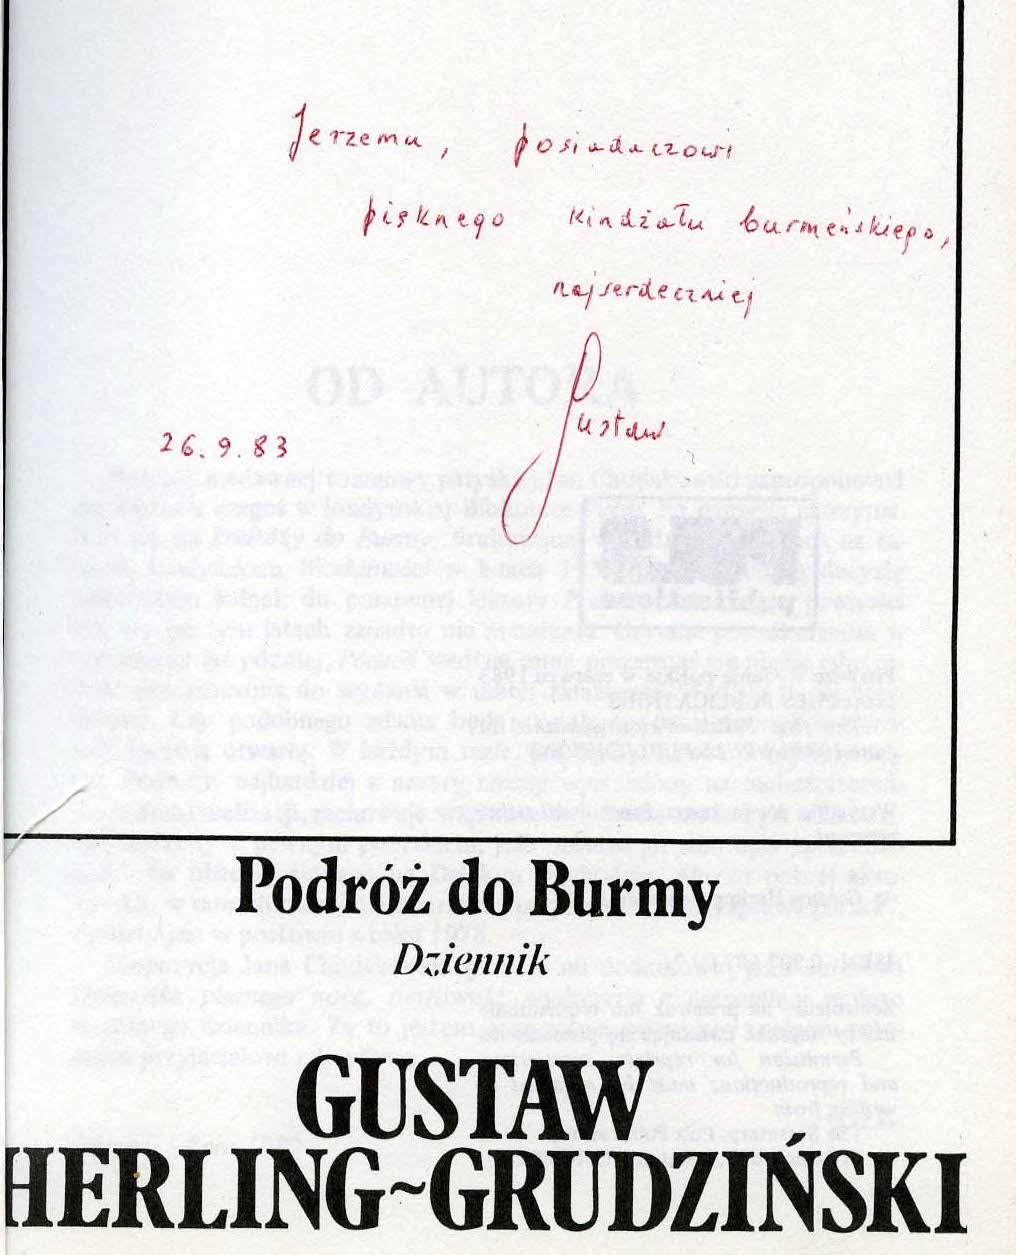 """<div class='inner-box'><div class='close-desc'></div><span class='opis'>Dedykacja Gustawa Herlinga-Grudzińskiego dla Jerzego Giedroycia. """"Podróź do Burmy. Dziennik podróży"""", 1983.</span><div class='clearfix'></div><span>Cote du document dedyk015b</span><div class='clearfix'></div><span>© Instytut Literacki</span></div>"""